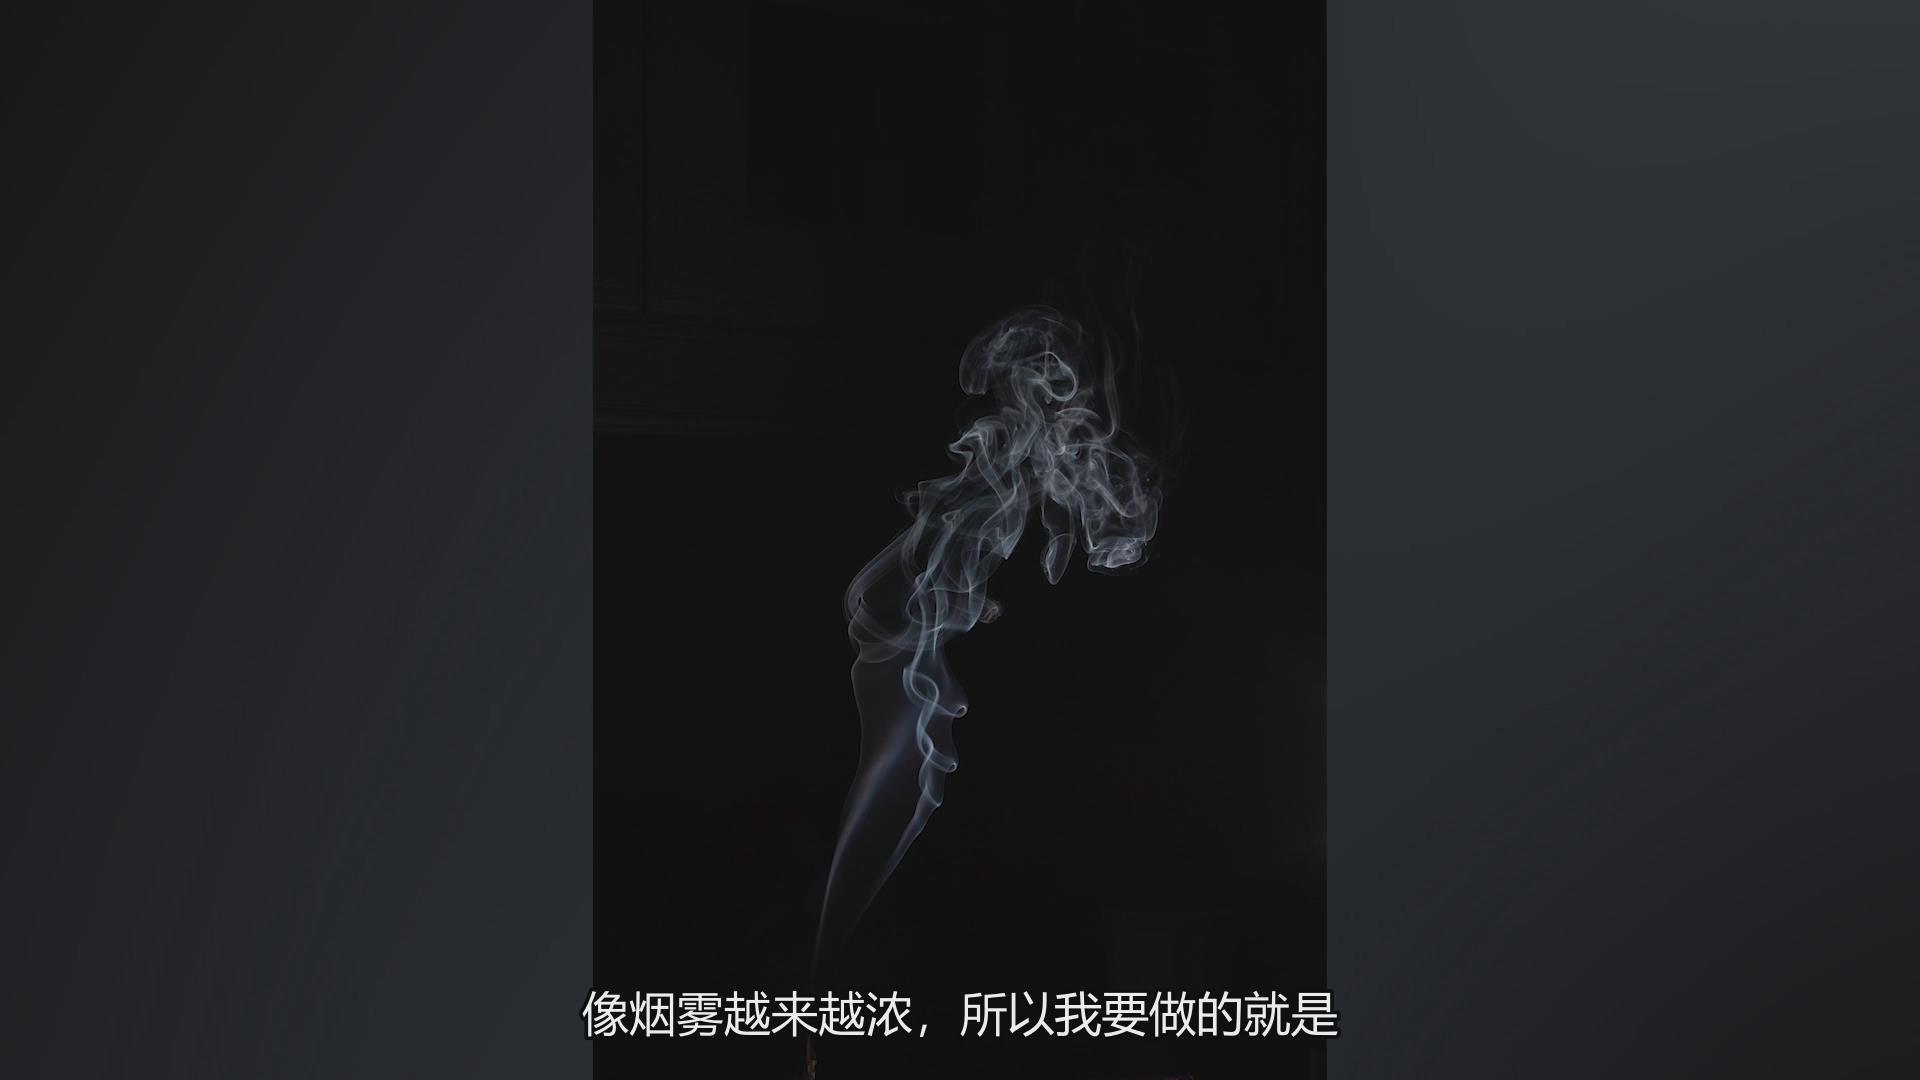 摄影教程_JOSHUA DUNLOP-30天创意摄影产品项目视频课程-中文字幕 摄影教程 _预览图12